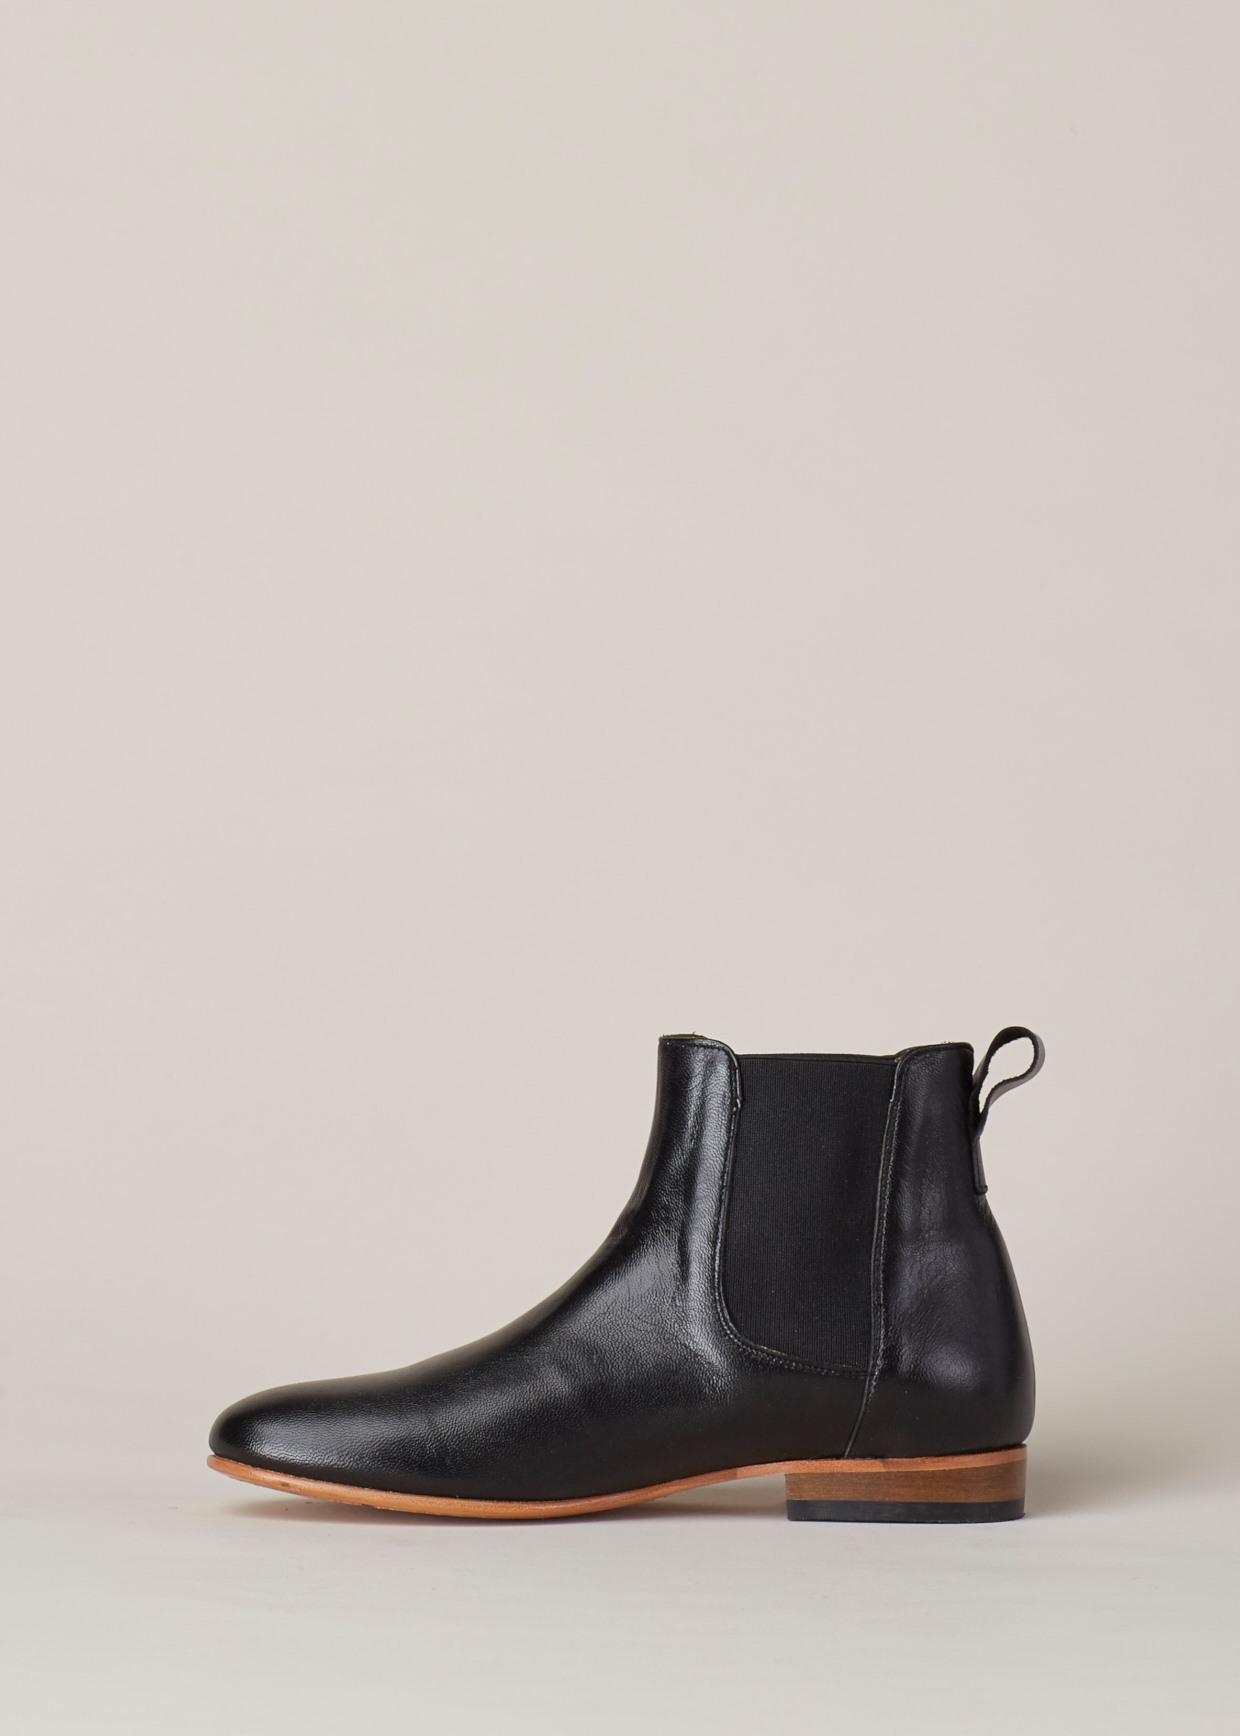 7694de71e55 Lyst - Dieppa Restrepo Black Troy Ankle Boot in Black